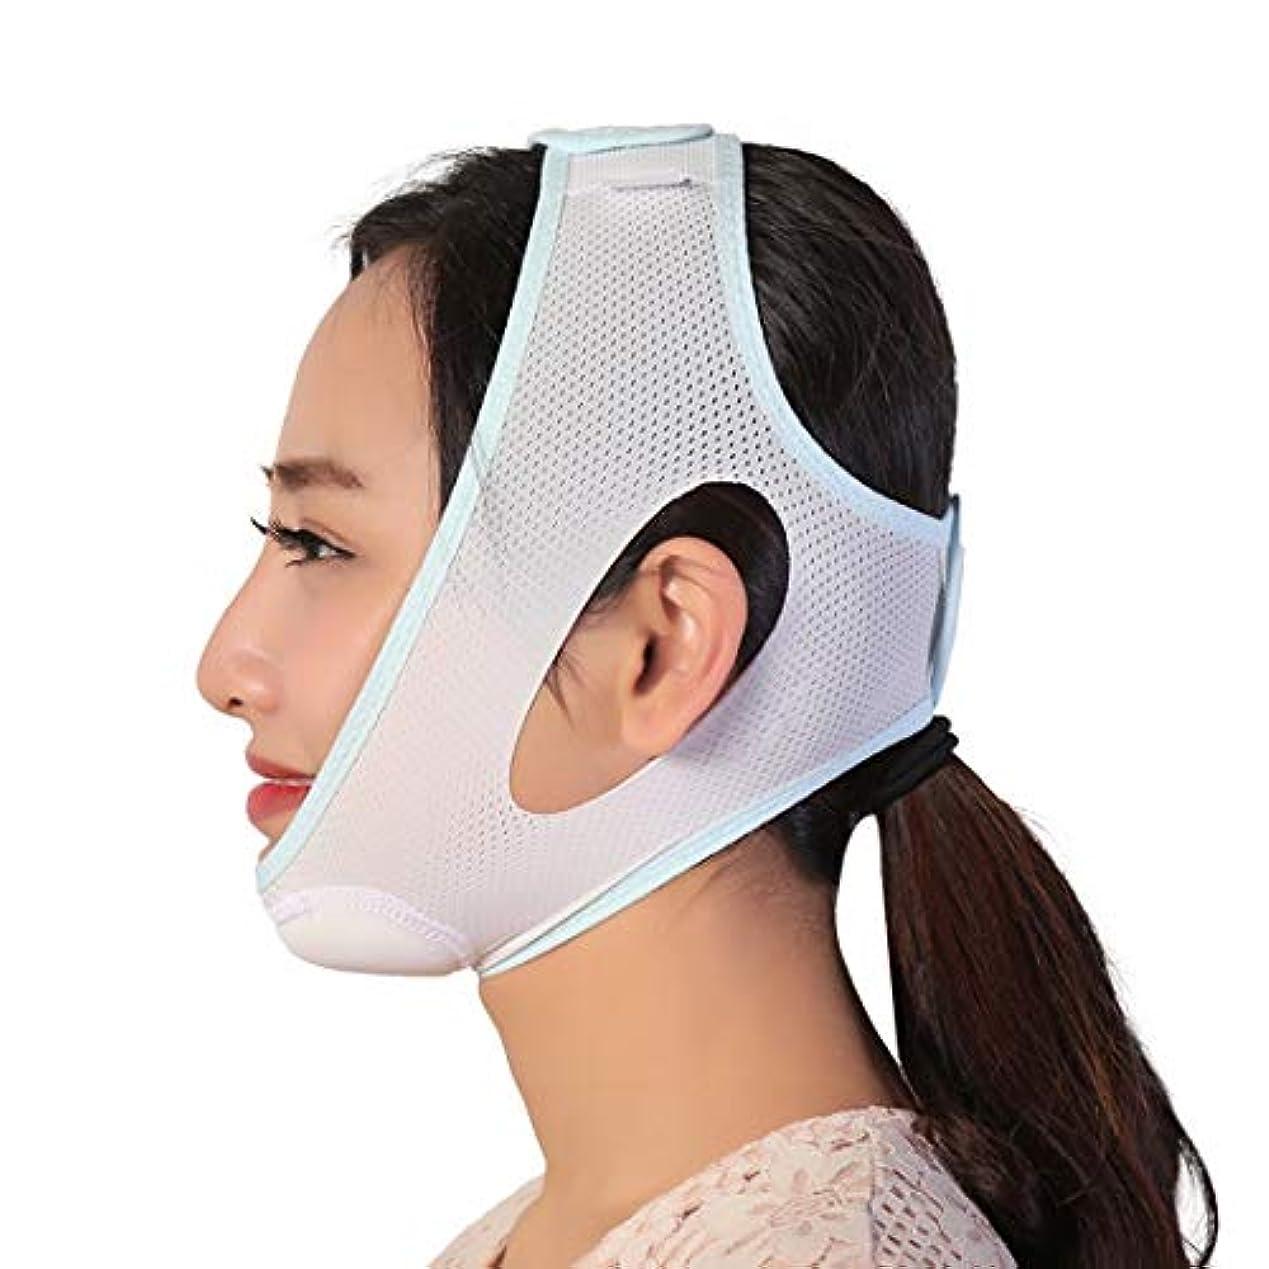 サーキットに行く気球あさりZWBD フェイスマスク, 顔を持ち上げる包帯マスク包帯小v顔整形マスクフェイスリフトステッカーに法線二重あご線術後矯正ベルト (Size : L)